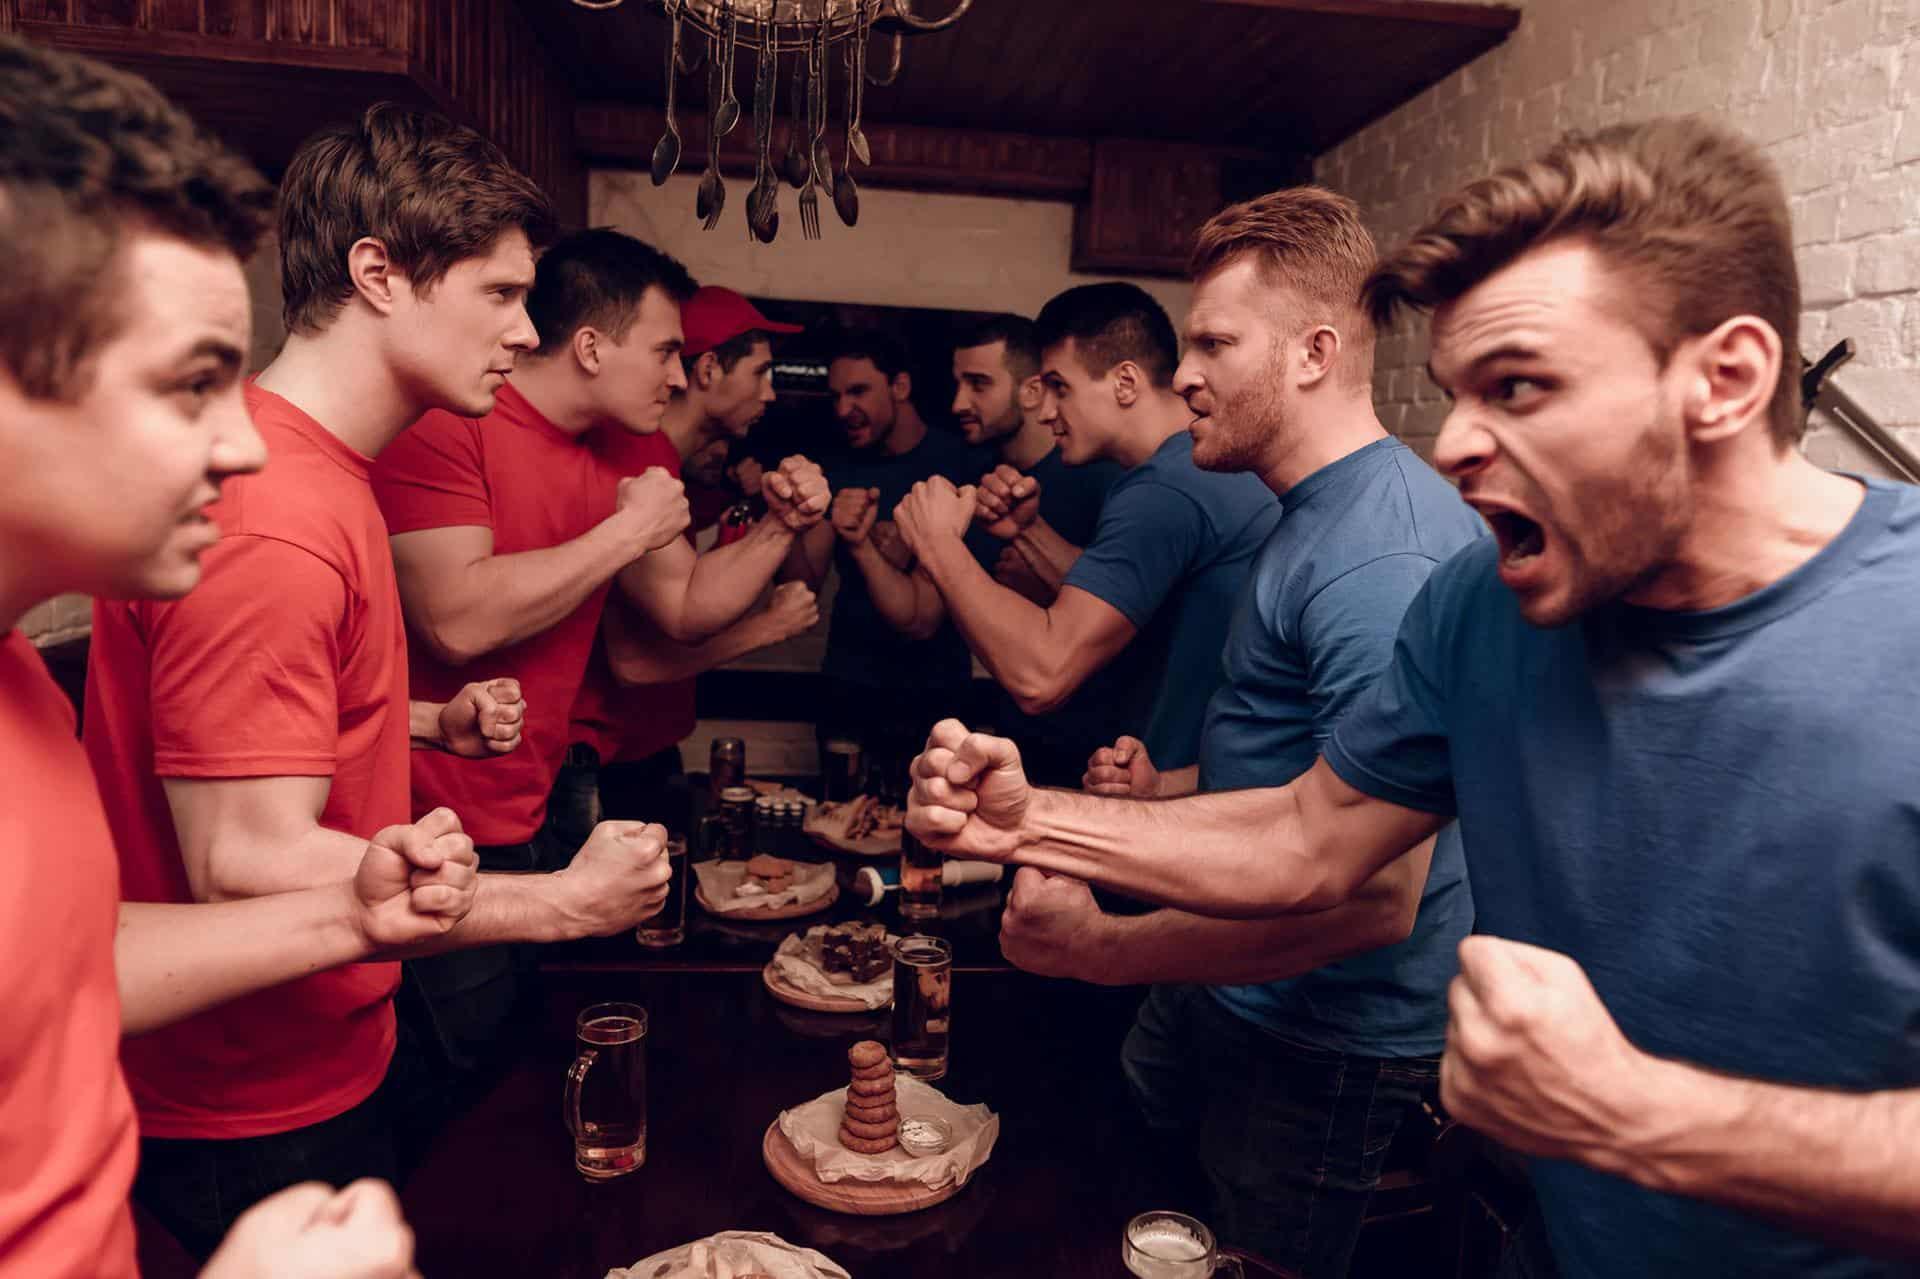 Männer stehen sich einer Bar kampfbereit gegenüber (c) freeograph/ stock.adobe.com